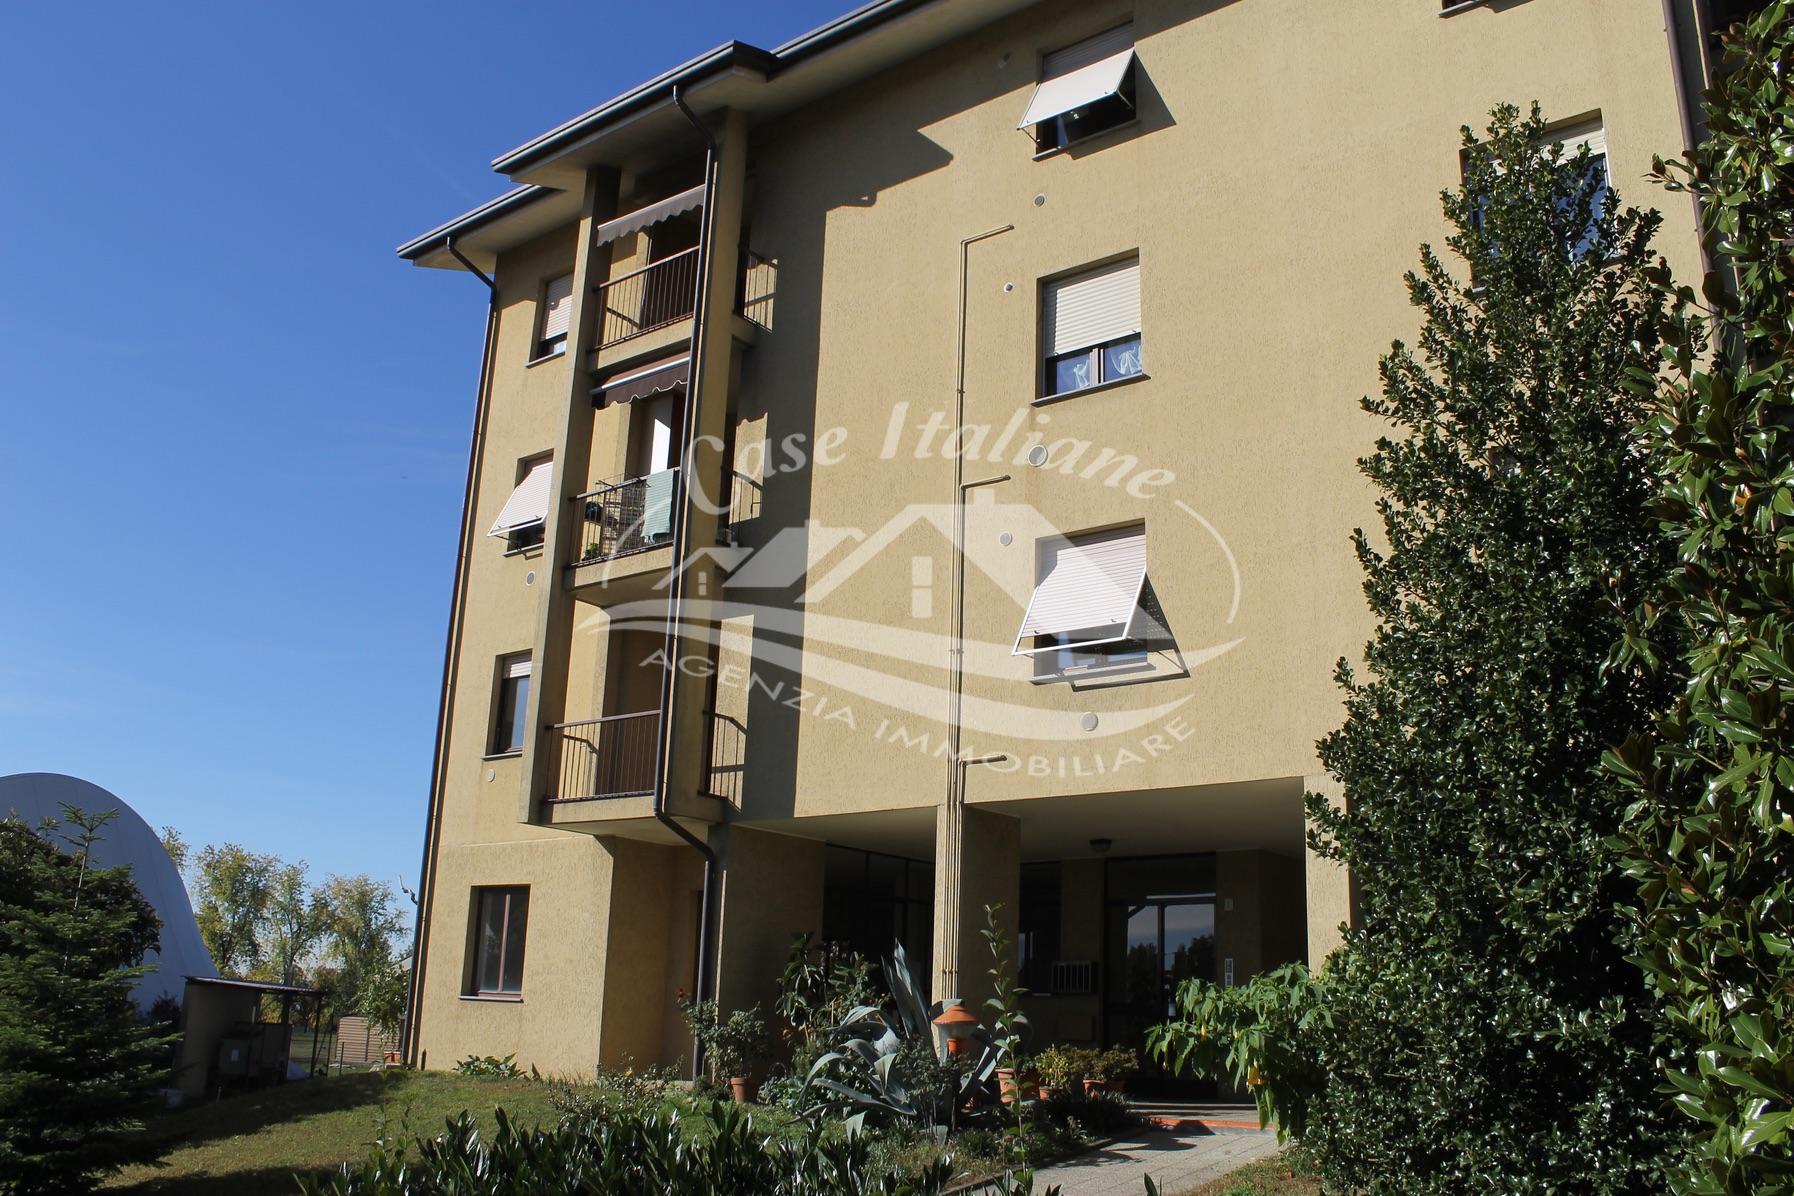 Img 9120 case italiane agenzia immobiliare cant for Case italiane immobiliare